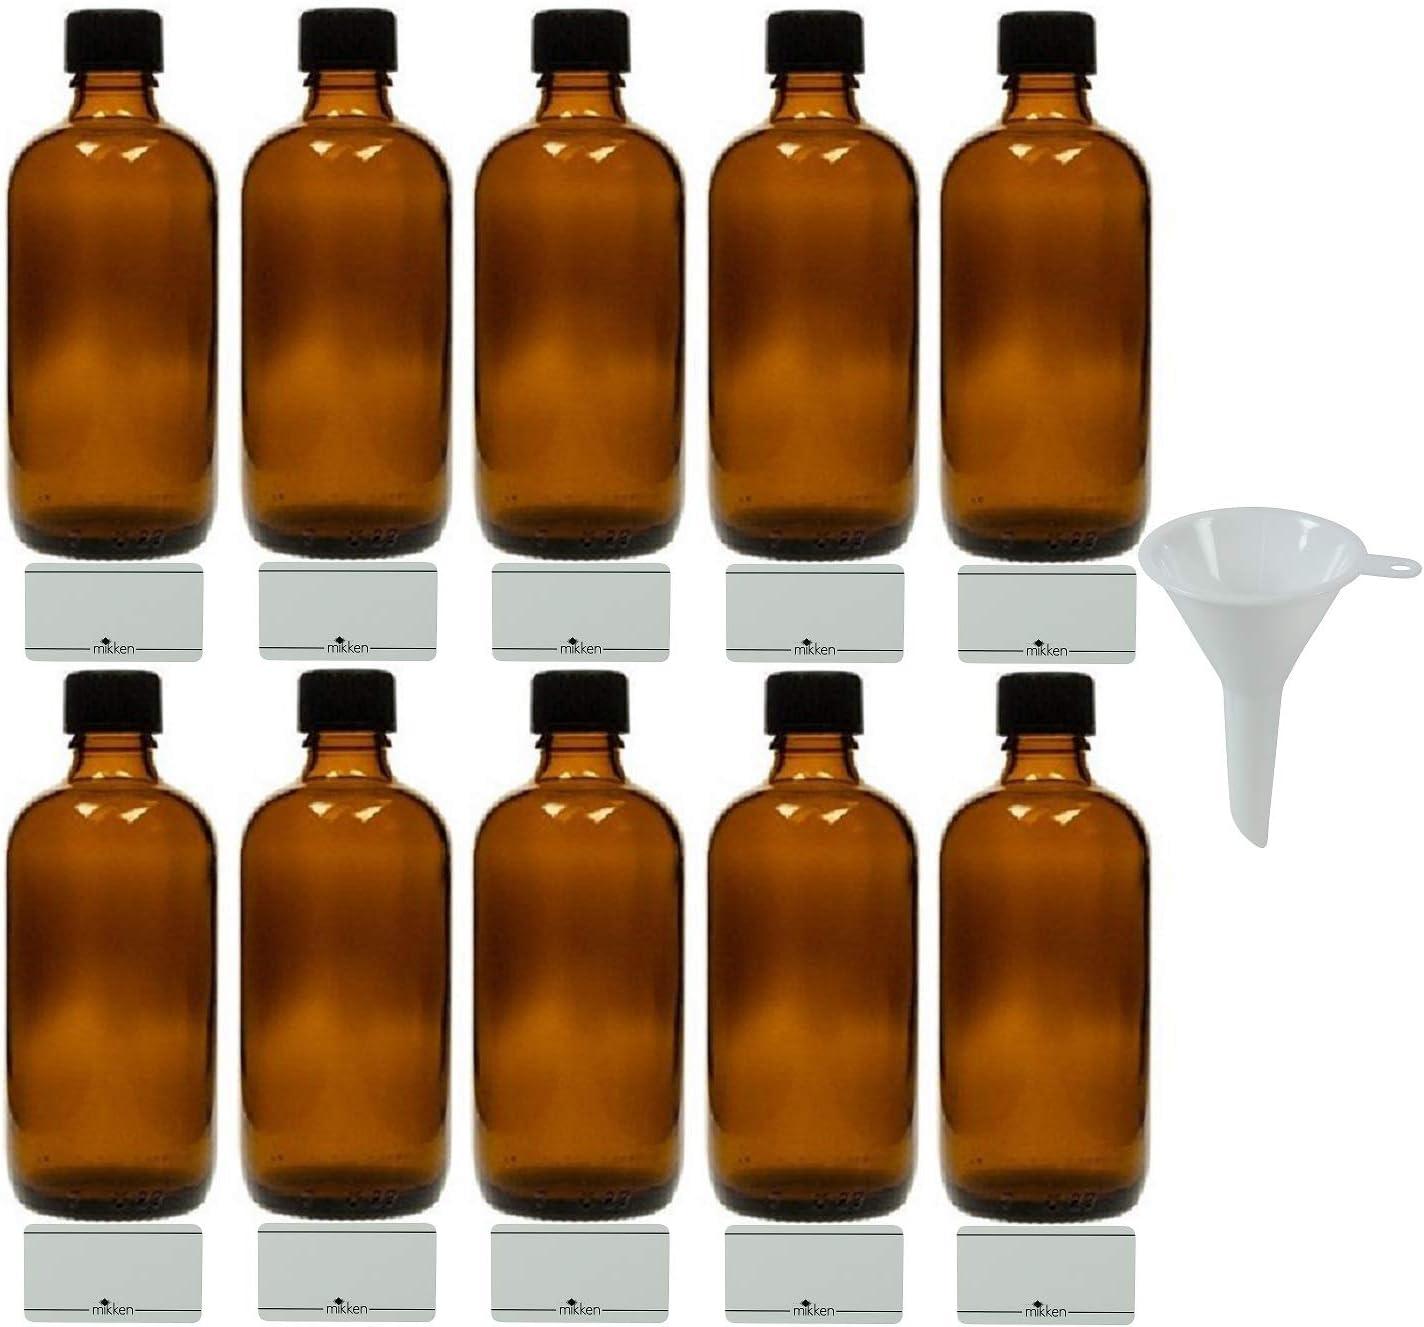 MIKKKEN 10 Botellas de Farmacia Marrones de 100 ml, Fabricadas en Alemania, Incluye Etiquetas de rotulación y Embudo